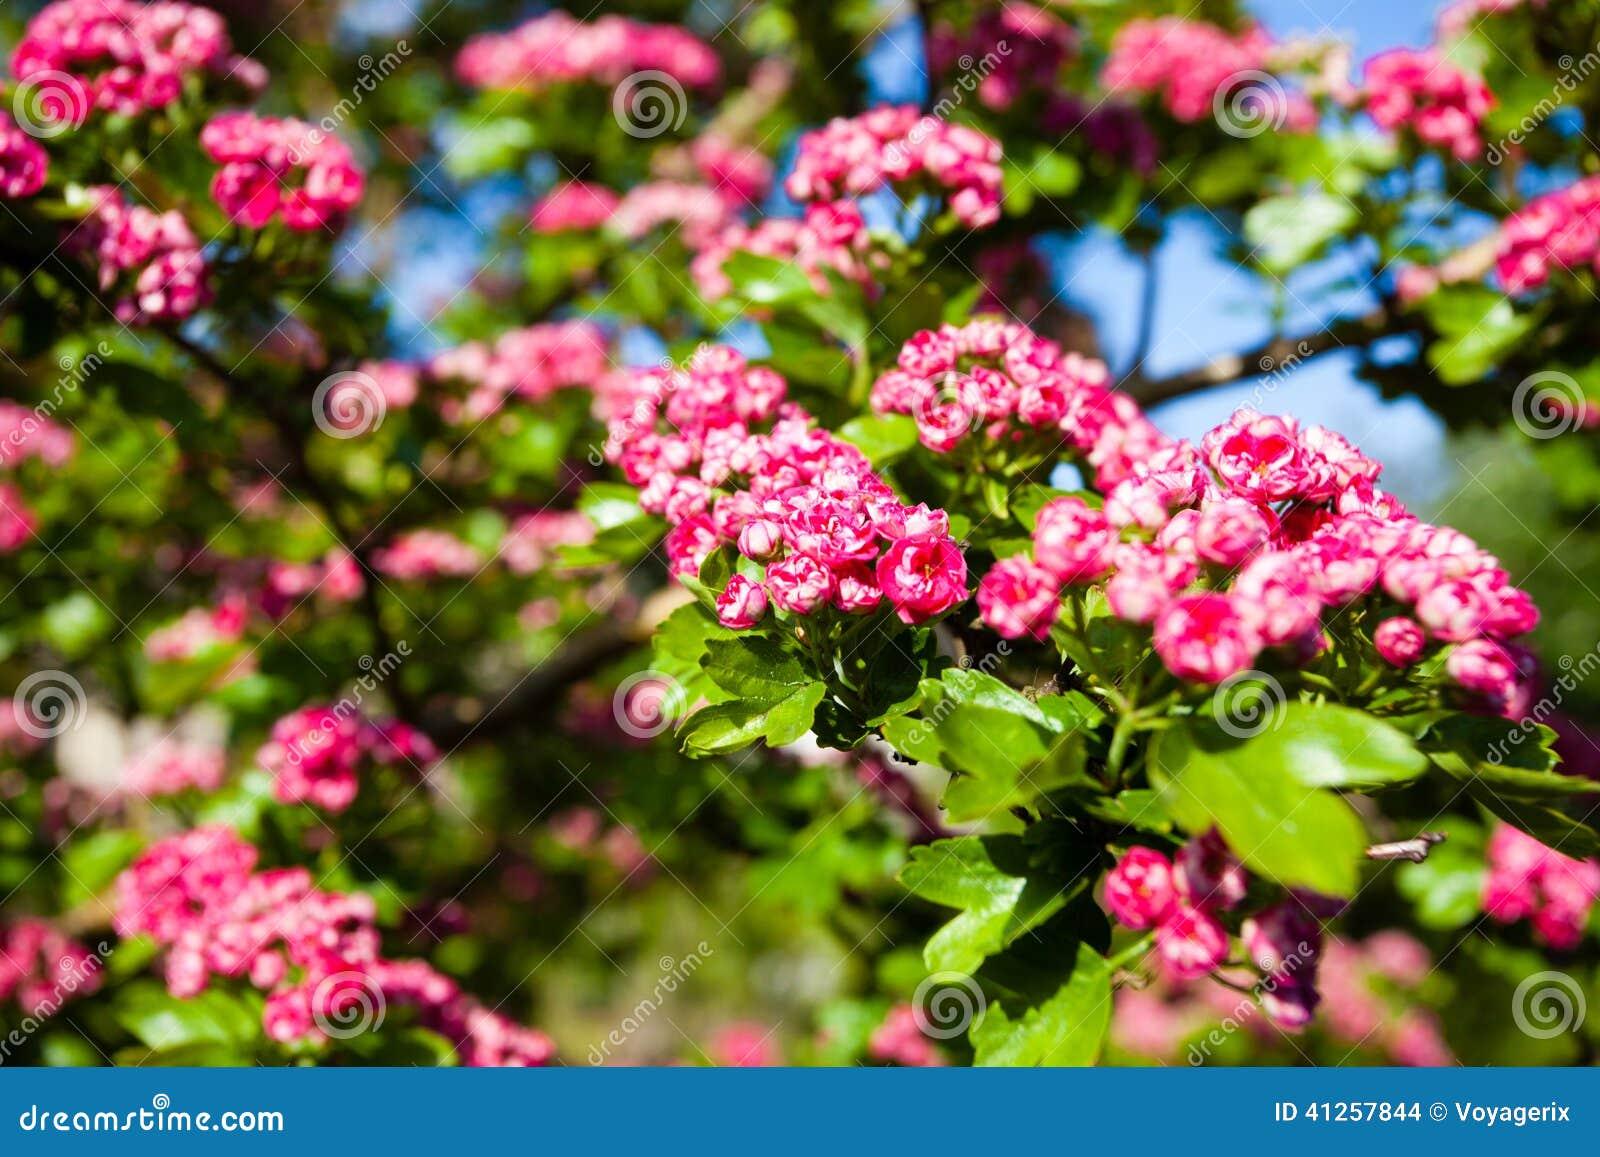 fleurs de rose de bloosoming d 39 arbre d 39 aub pine photo stock image 41257844. Black Bedroom Furniture Sets. Home Design Ideas